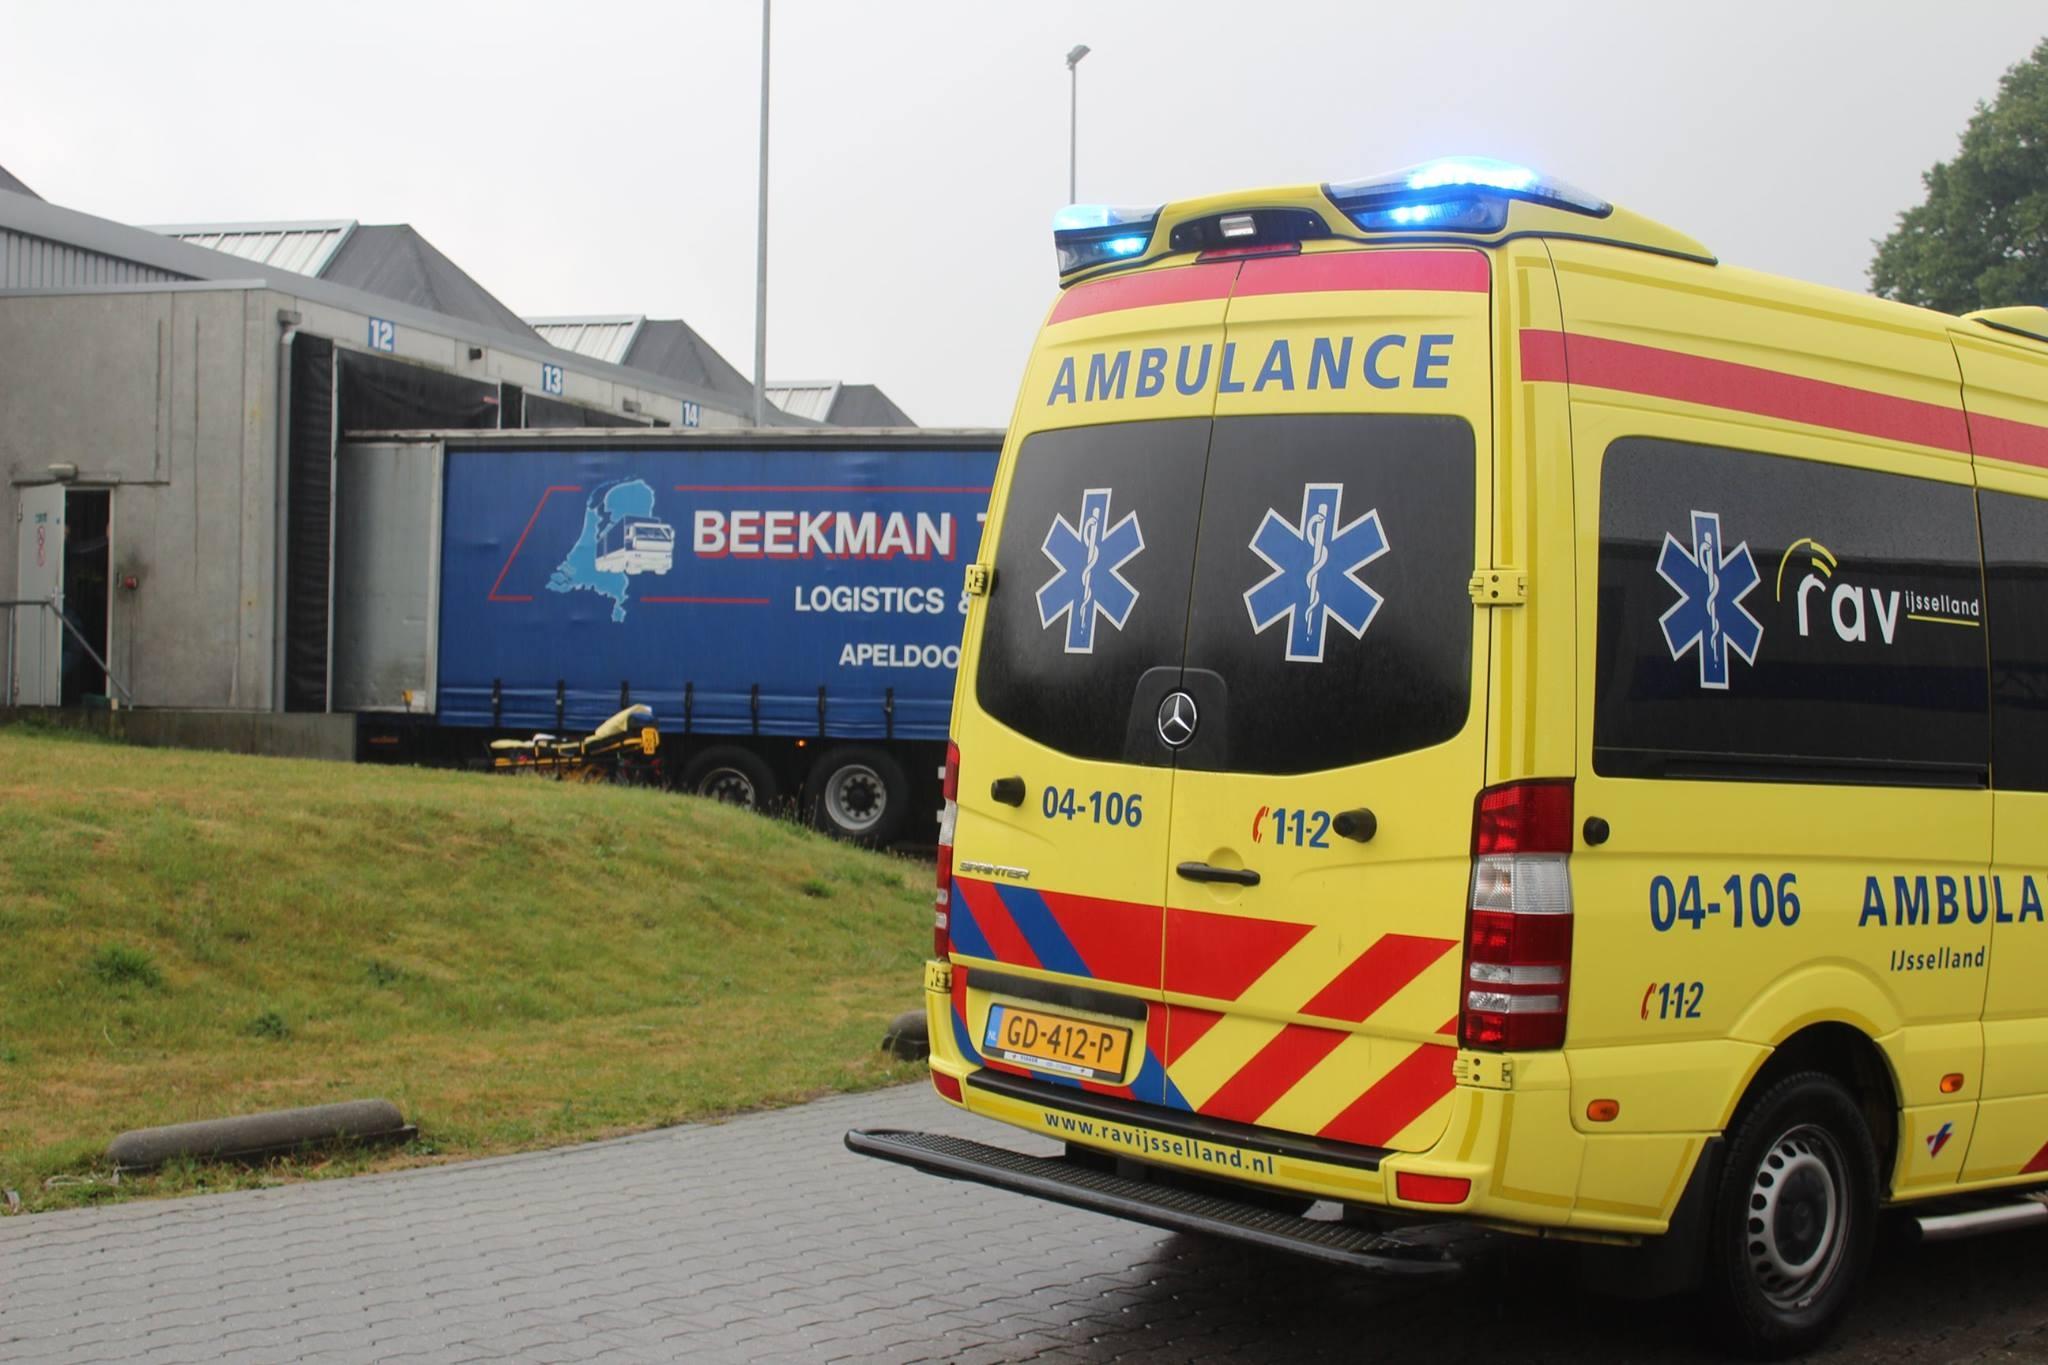 Ongeval op Terrein Beekman Transport